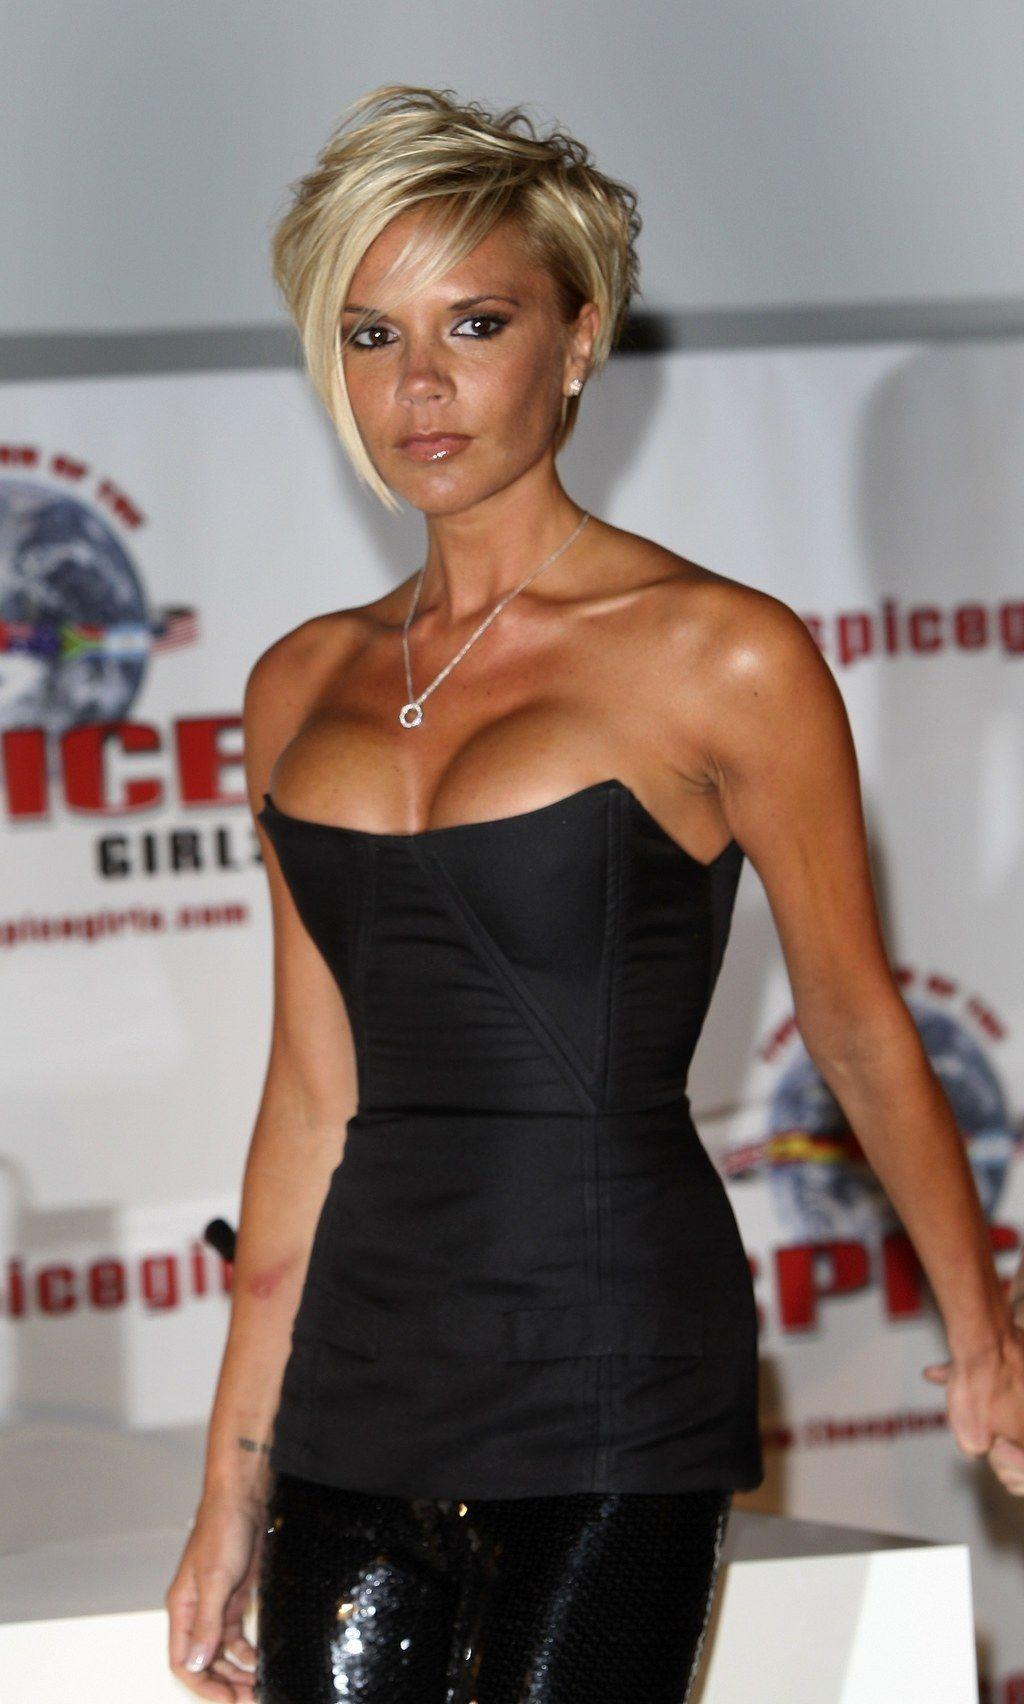 23 Outfits der frühen 00er Jahre, an die Sie nicht glauben werden, dass Victoria Beckham sie jemals getragen hat -  23 Outfits der frühen 00er Jahre, an die Sie nicht glauben werden, dass Victoria Beckham sie jemal - #00er #Beckham #dass #der #die #EmmaRoberts #FashionDesigners #frühen #getragen #glauben #hat #Jahre #jemals #nicht #Outfits #ShilpaShetty #Sie #Victoria #VictoriaBeckham #werden